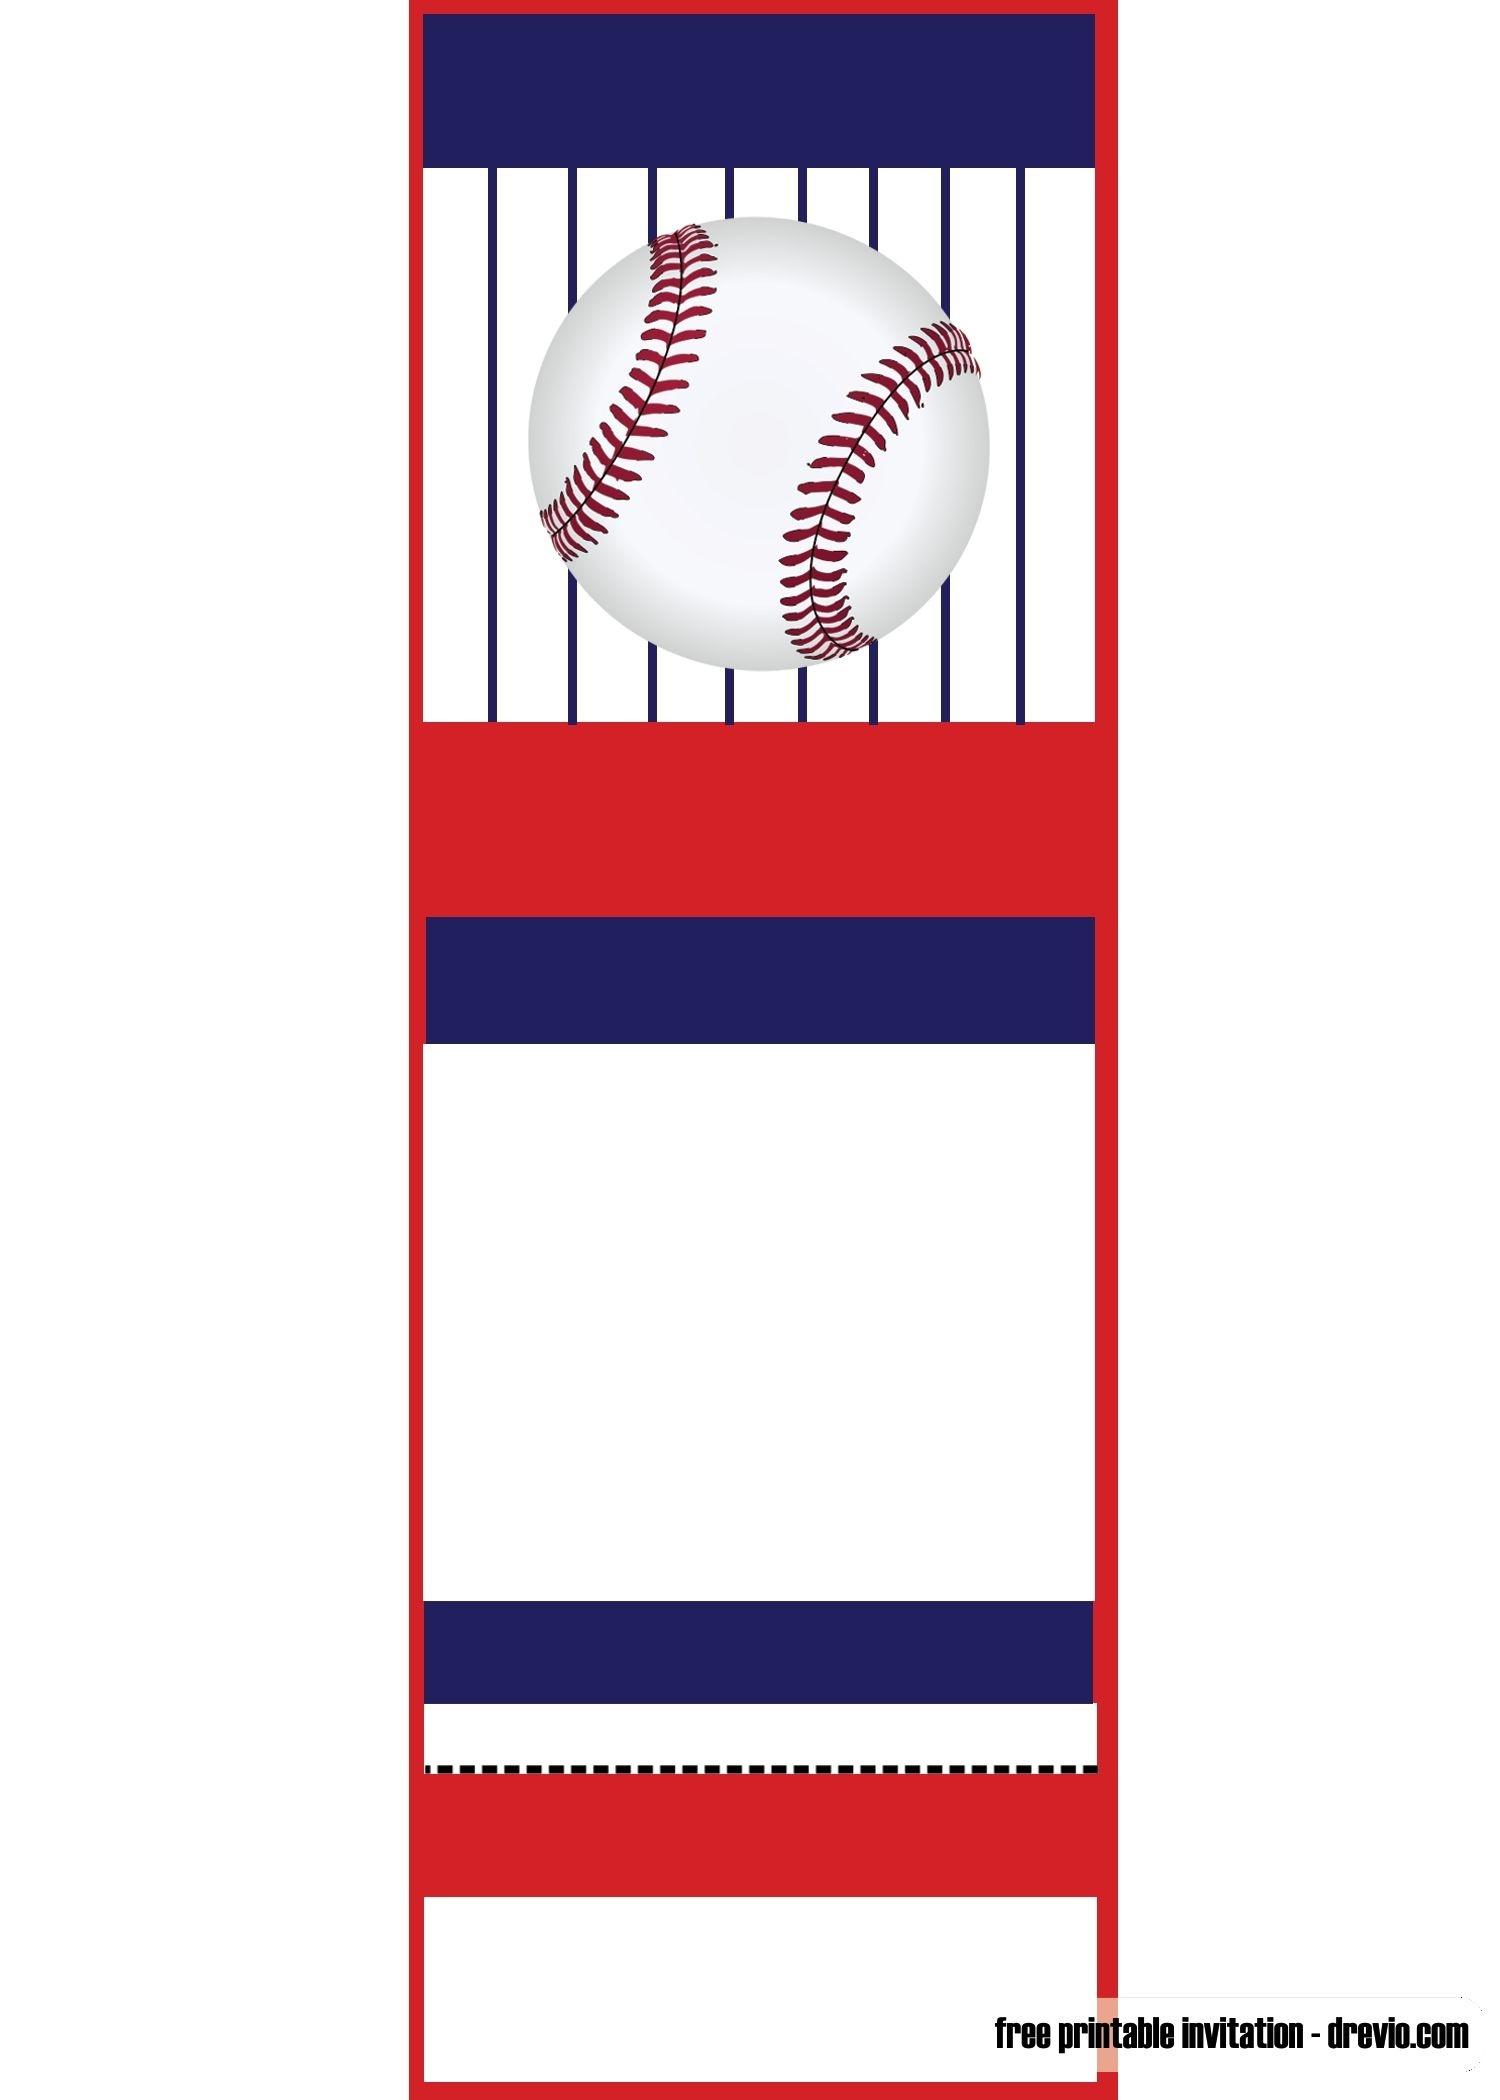 Free Printable Baseball Ticket Invitation Template | Free Printable - Free Printable Baseball Favor Tags